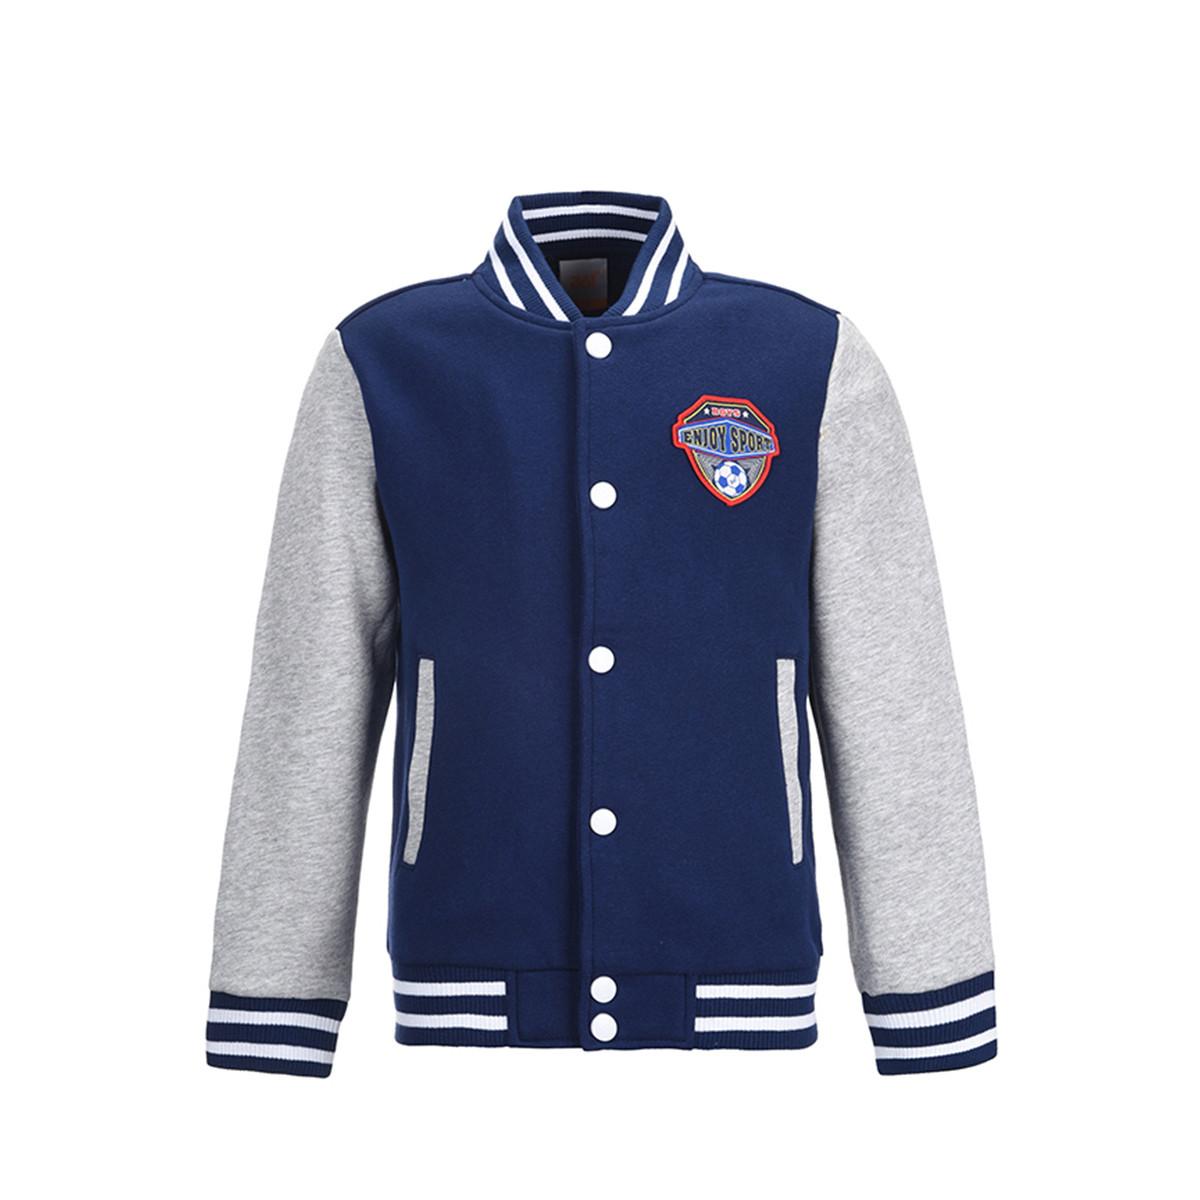 361°361儿童男童舒适百搭针织外套棒球服运动外套开衫易穿脱K564420413400